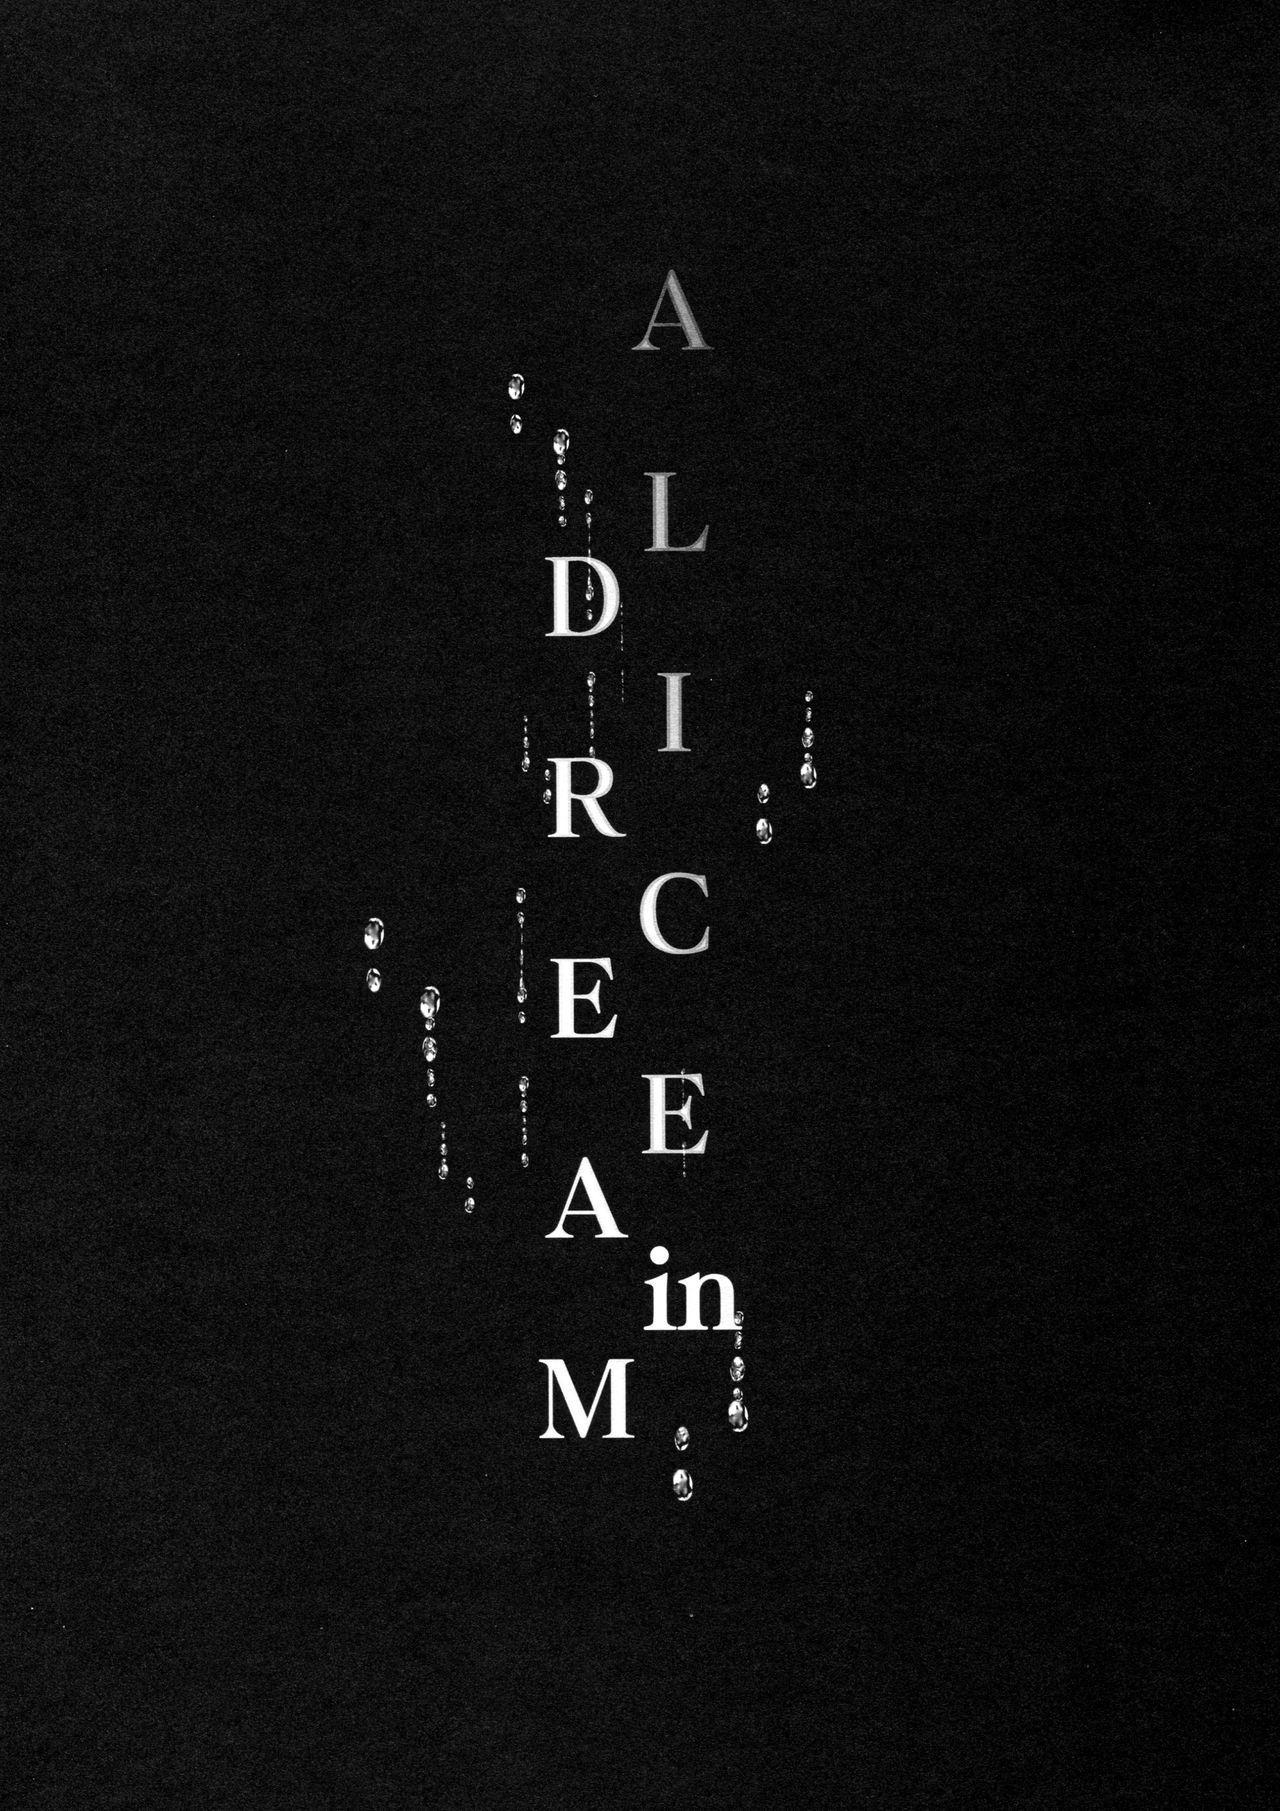 ALICE in DREAM 4